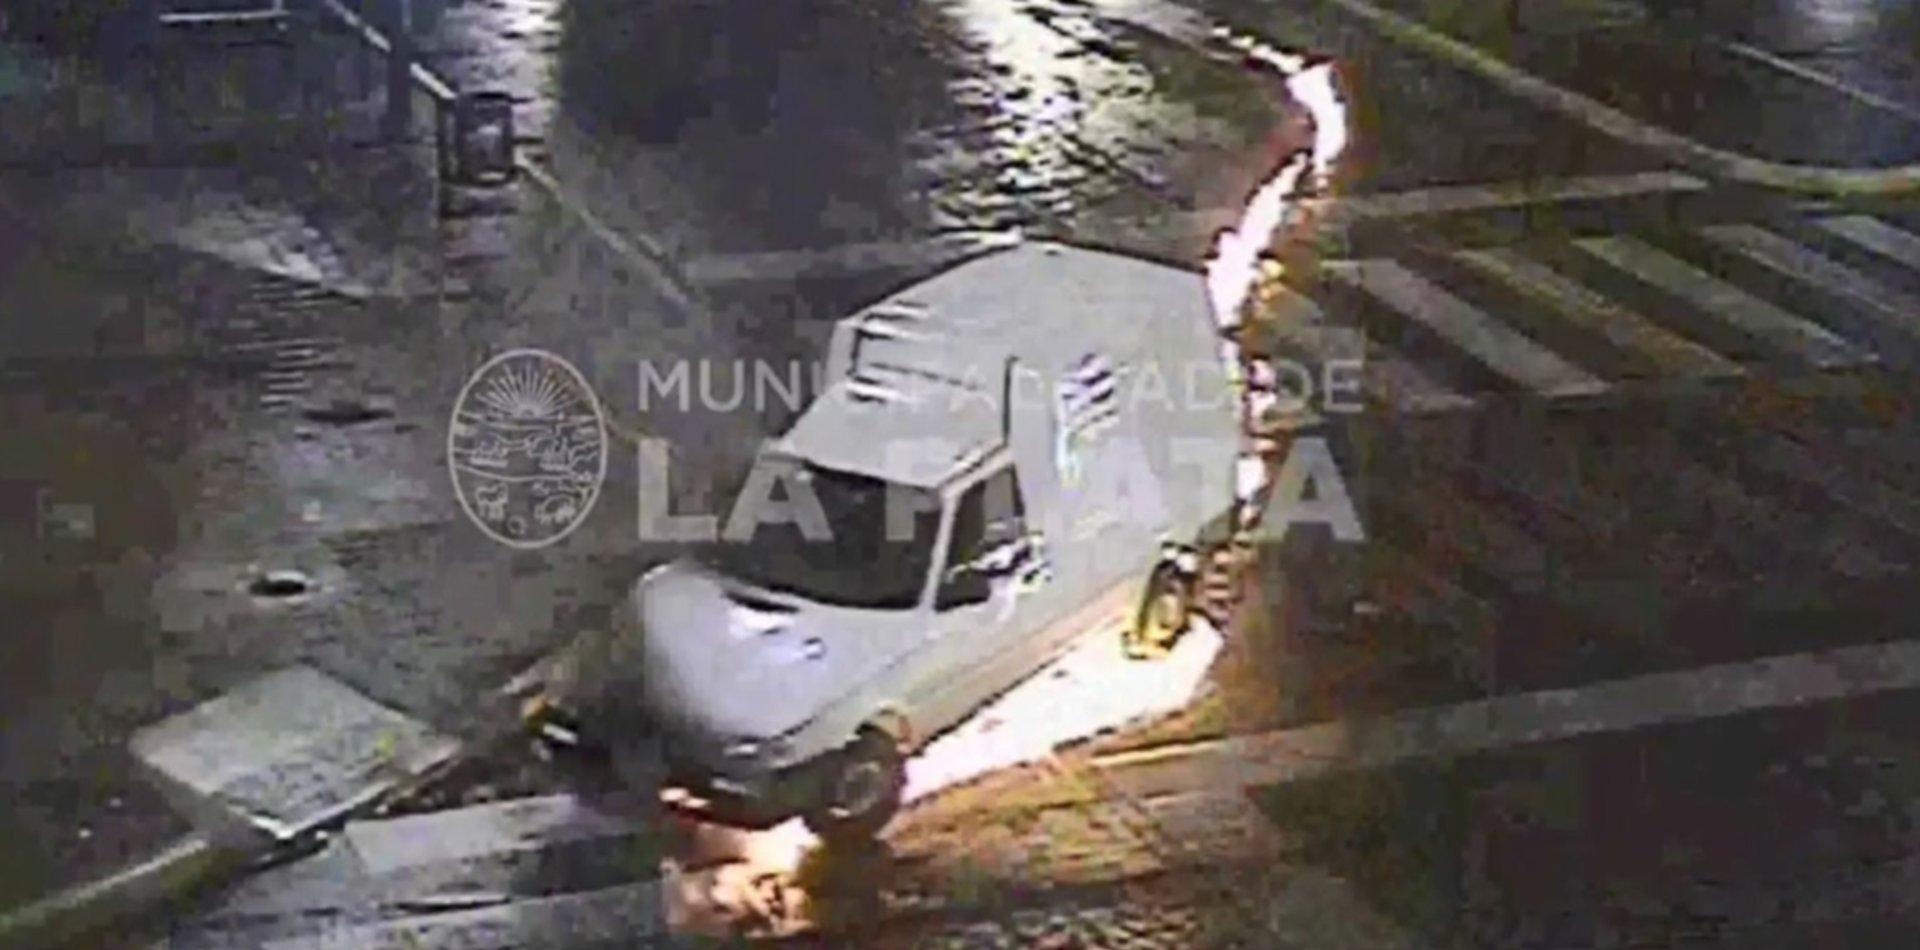 VIDEO: Susto por una camioneta que perdió combustible y se prendió fuego en plena calle